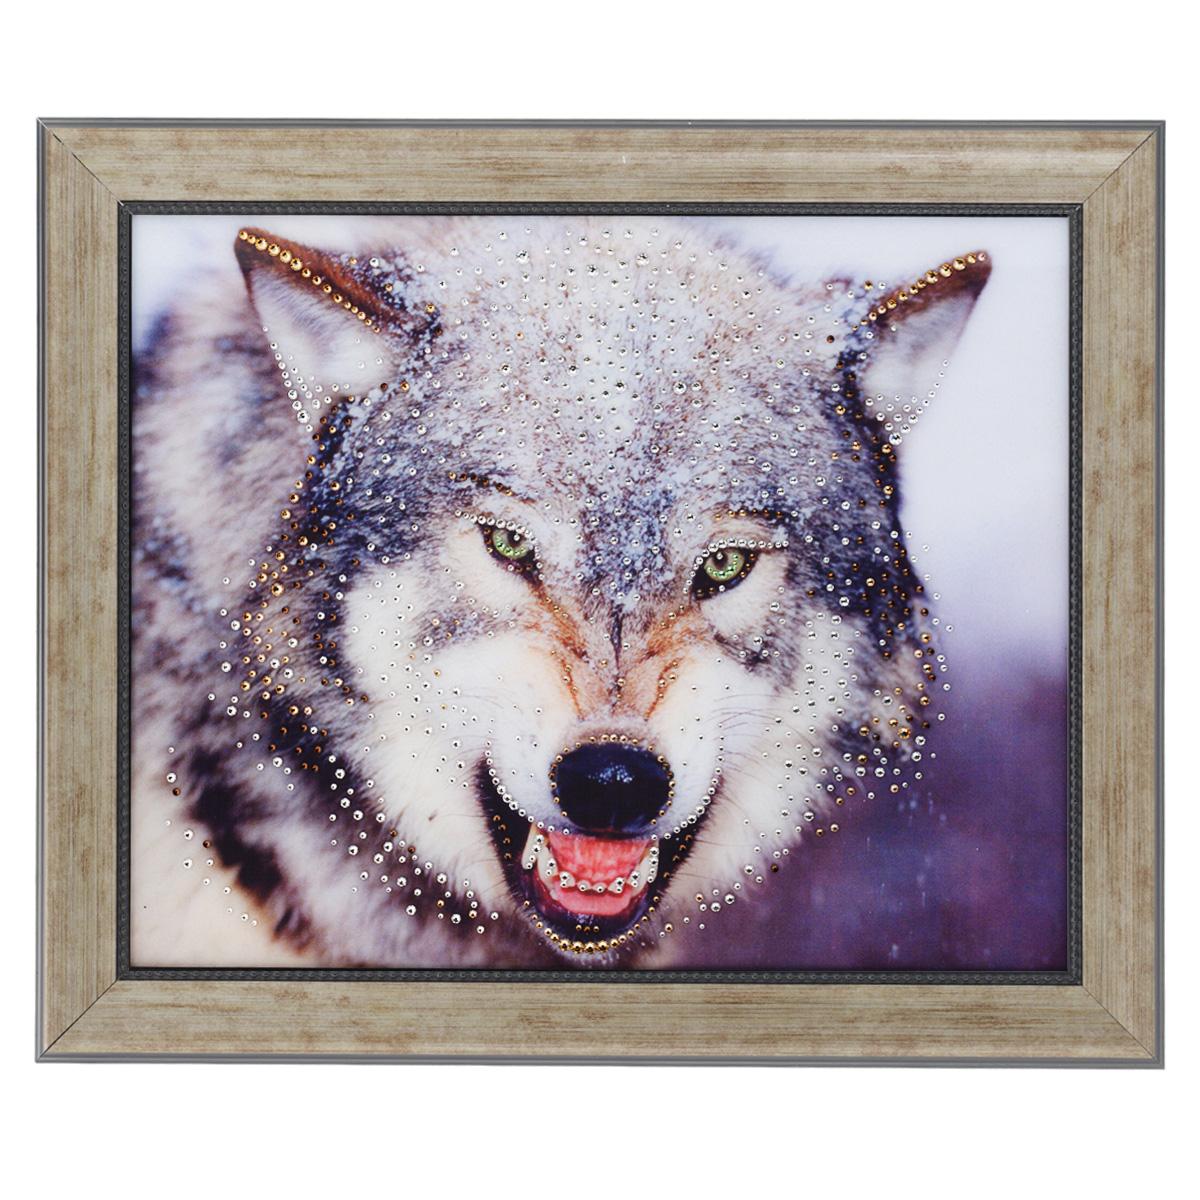 Картина с кристаллами Swarovski Волк, 60 х 50 см1074Изящная картина в багетной раме, инкрустирована кристаллами Swarovski, которые отличаются четкой и ровной огранкой, ярким блеском и чистотой цвета. Красочное изображение волка, расположенное под стеклом, прекрасно дополняет блеск кристаллов. С обратной стороны имеется металлическая проволока для размещения картины на стене. Картина с кристаллами Swarovski Волк элегантно украсит интерьер дома или офиса, а также станет прекрасным подарком, который обязательно понравится получателю. Блеск кристаллов в интерьере, что может быть сказочнее и удивительнее. Картина упакована в подарочную картонную коробку синего цвета и комплектуется сертификатом соответствия Swarovski.